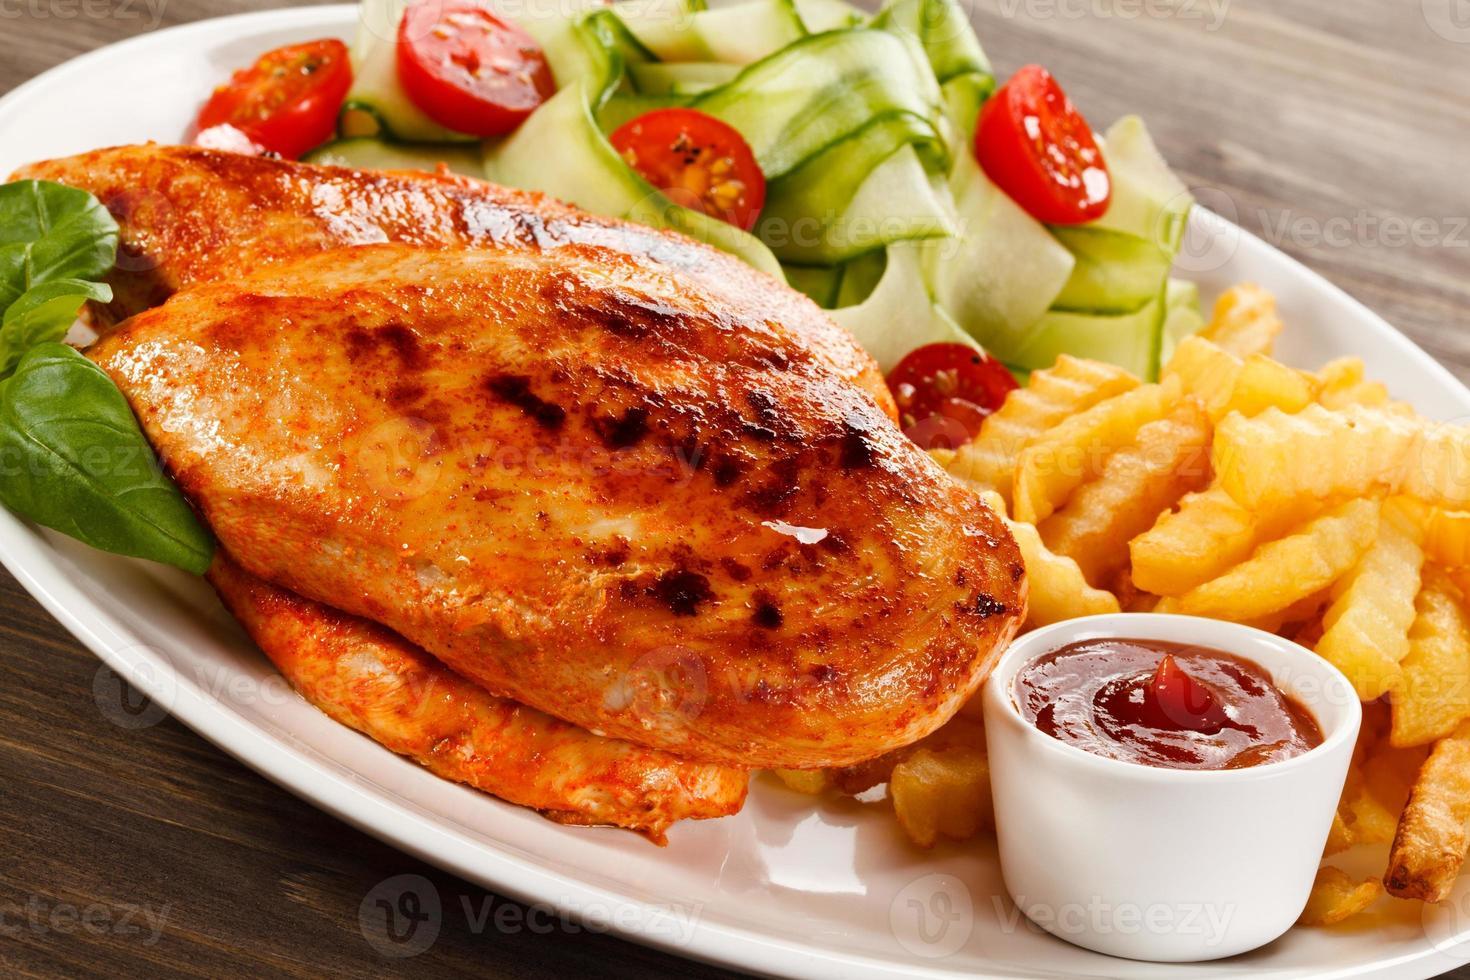 grillade kycklingfiléer, pommes frites och grönsaker på vit bakgrund foto